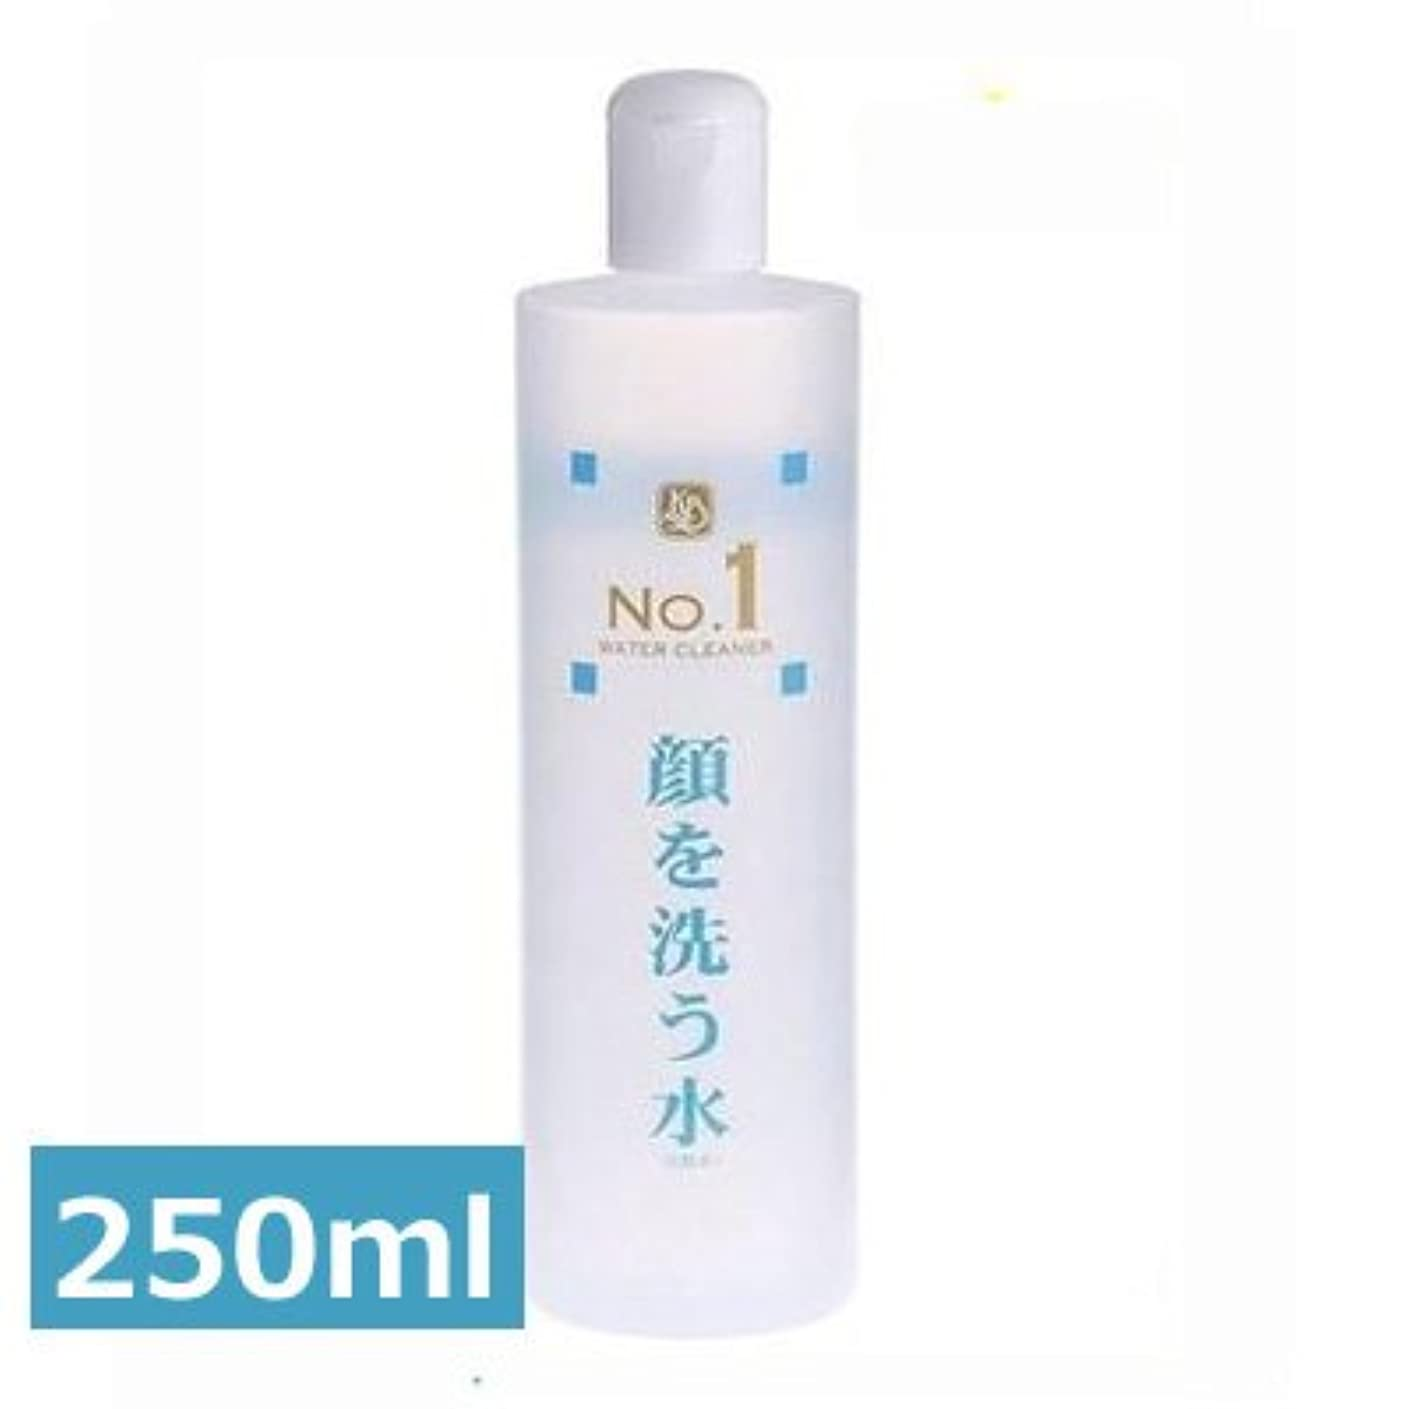 ブラザー聡明輸血ウォータークリーナー カミヤマ美研 顔を洗う水 No.1 250ml 2本セット